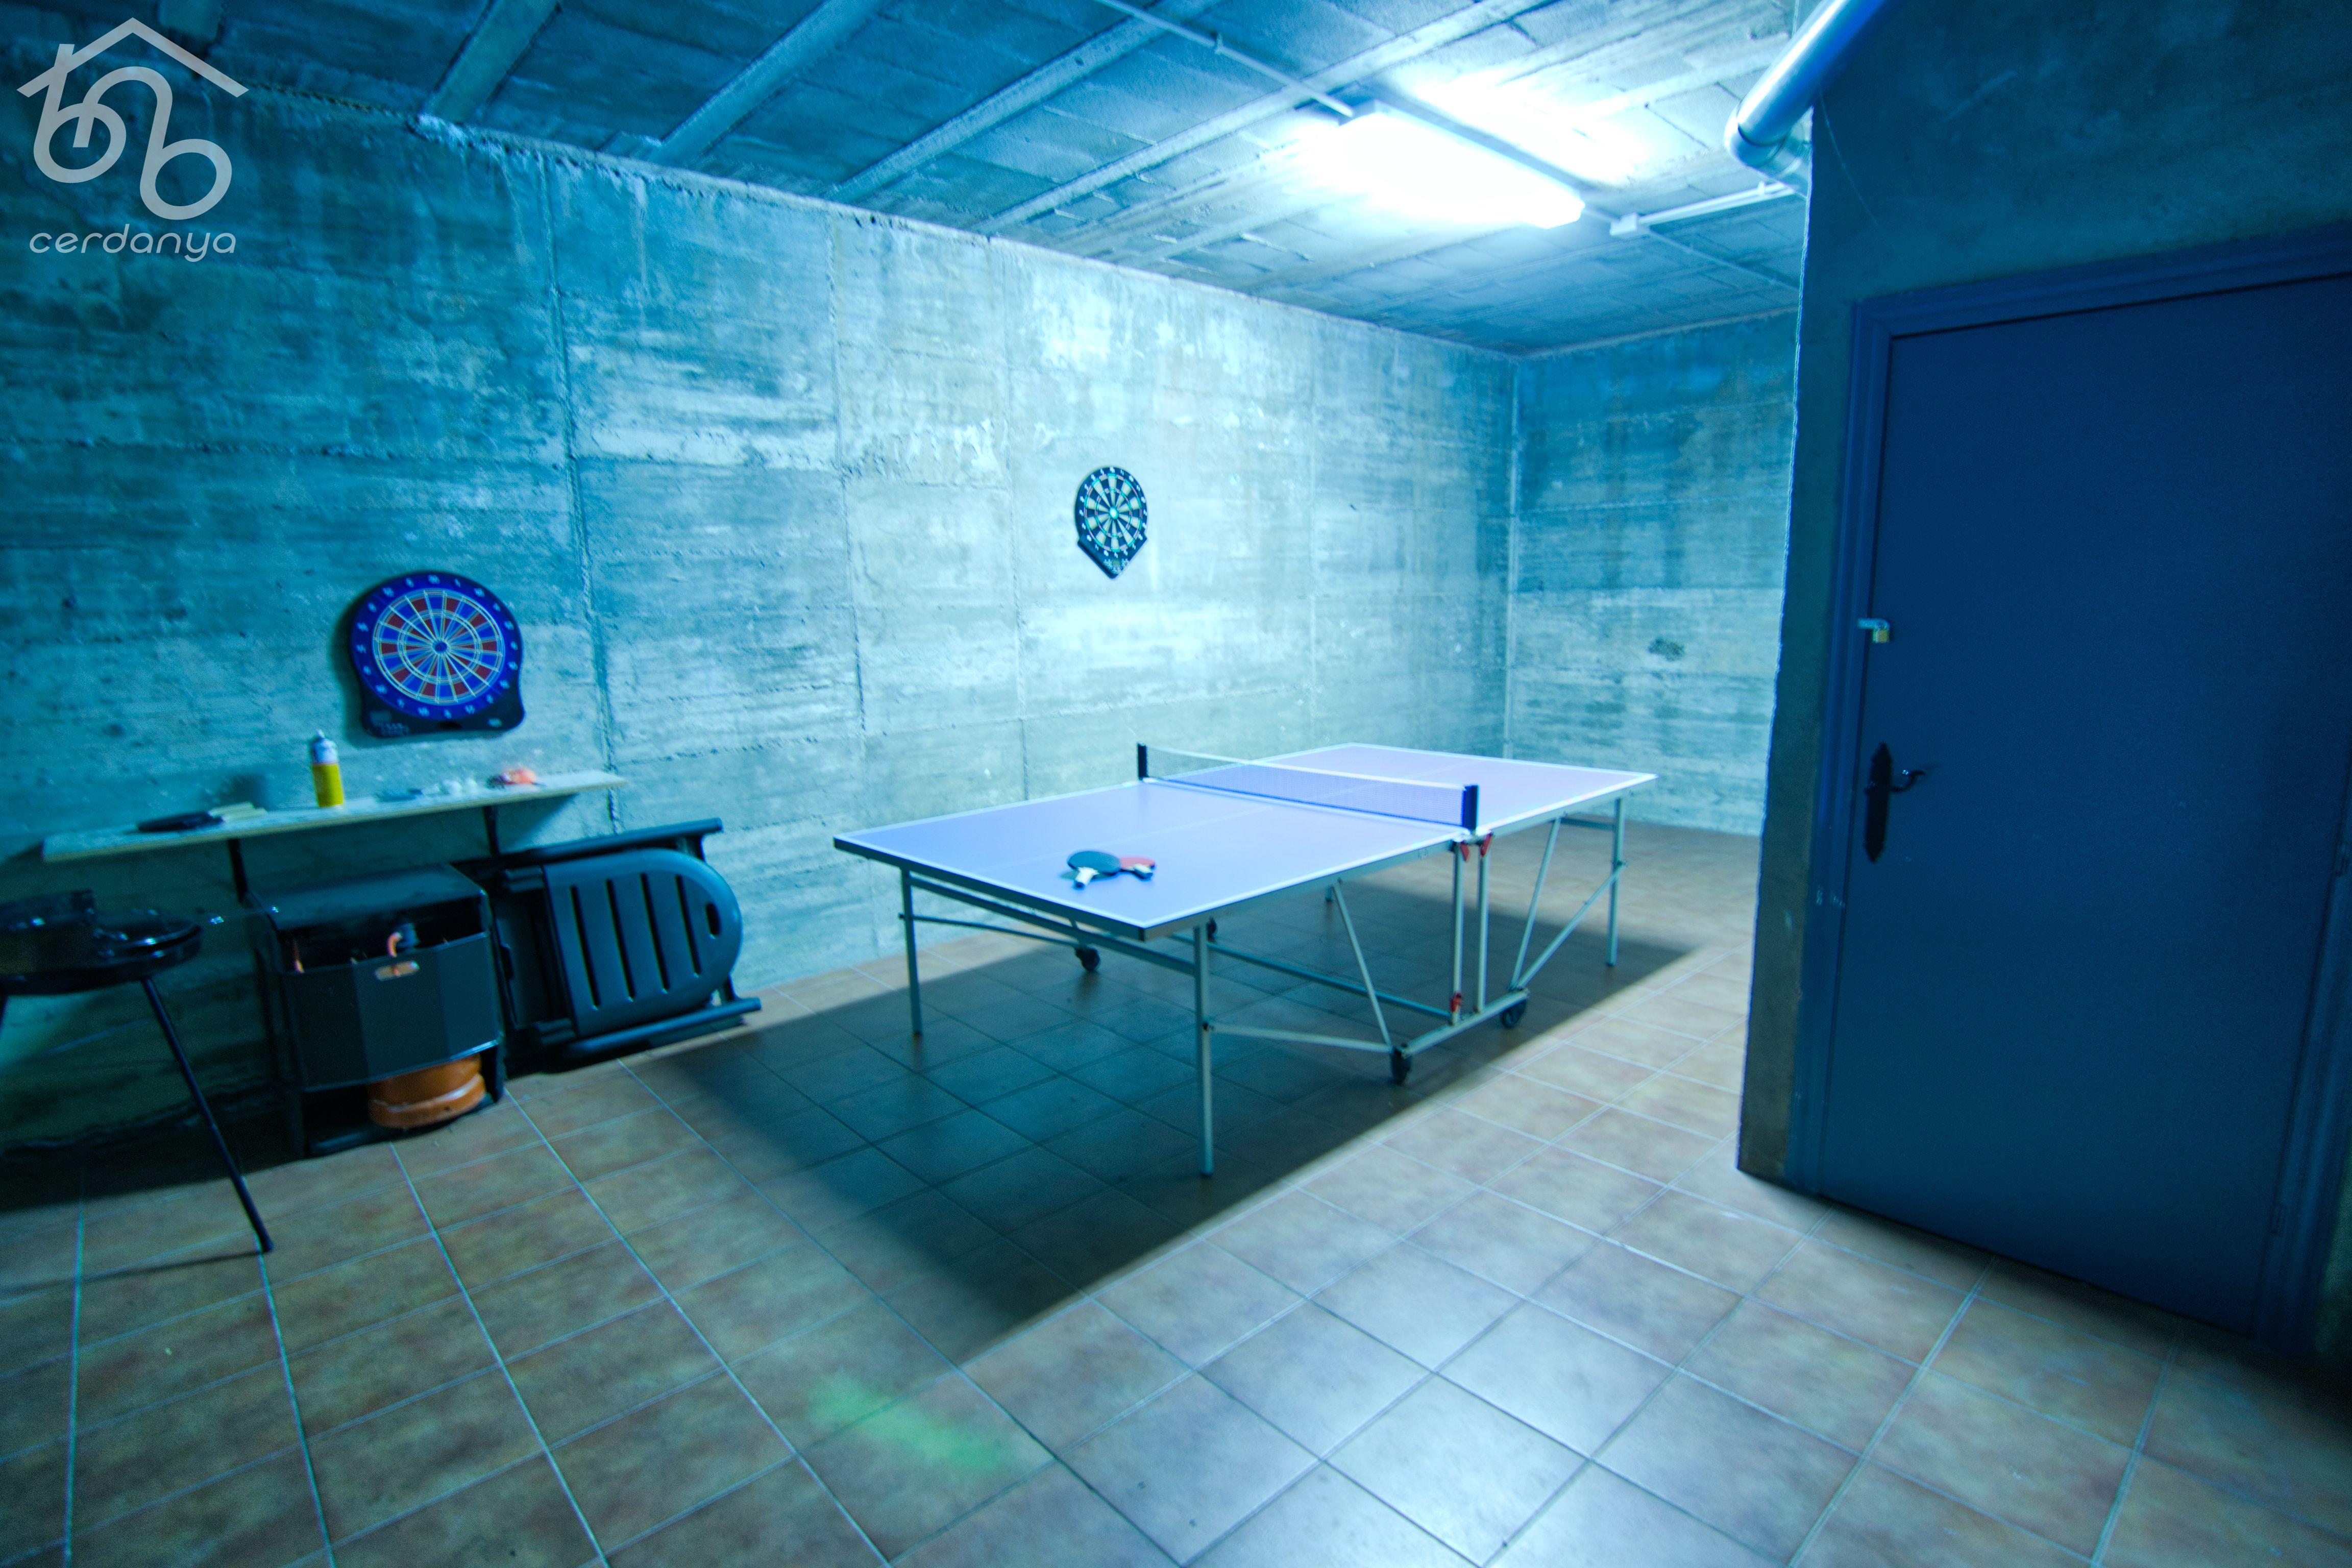 sala de juegos